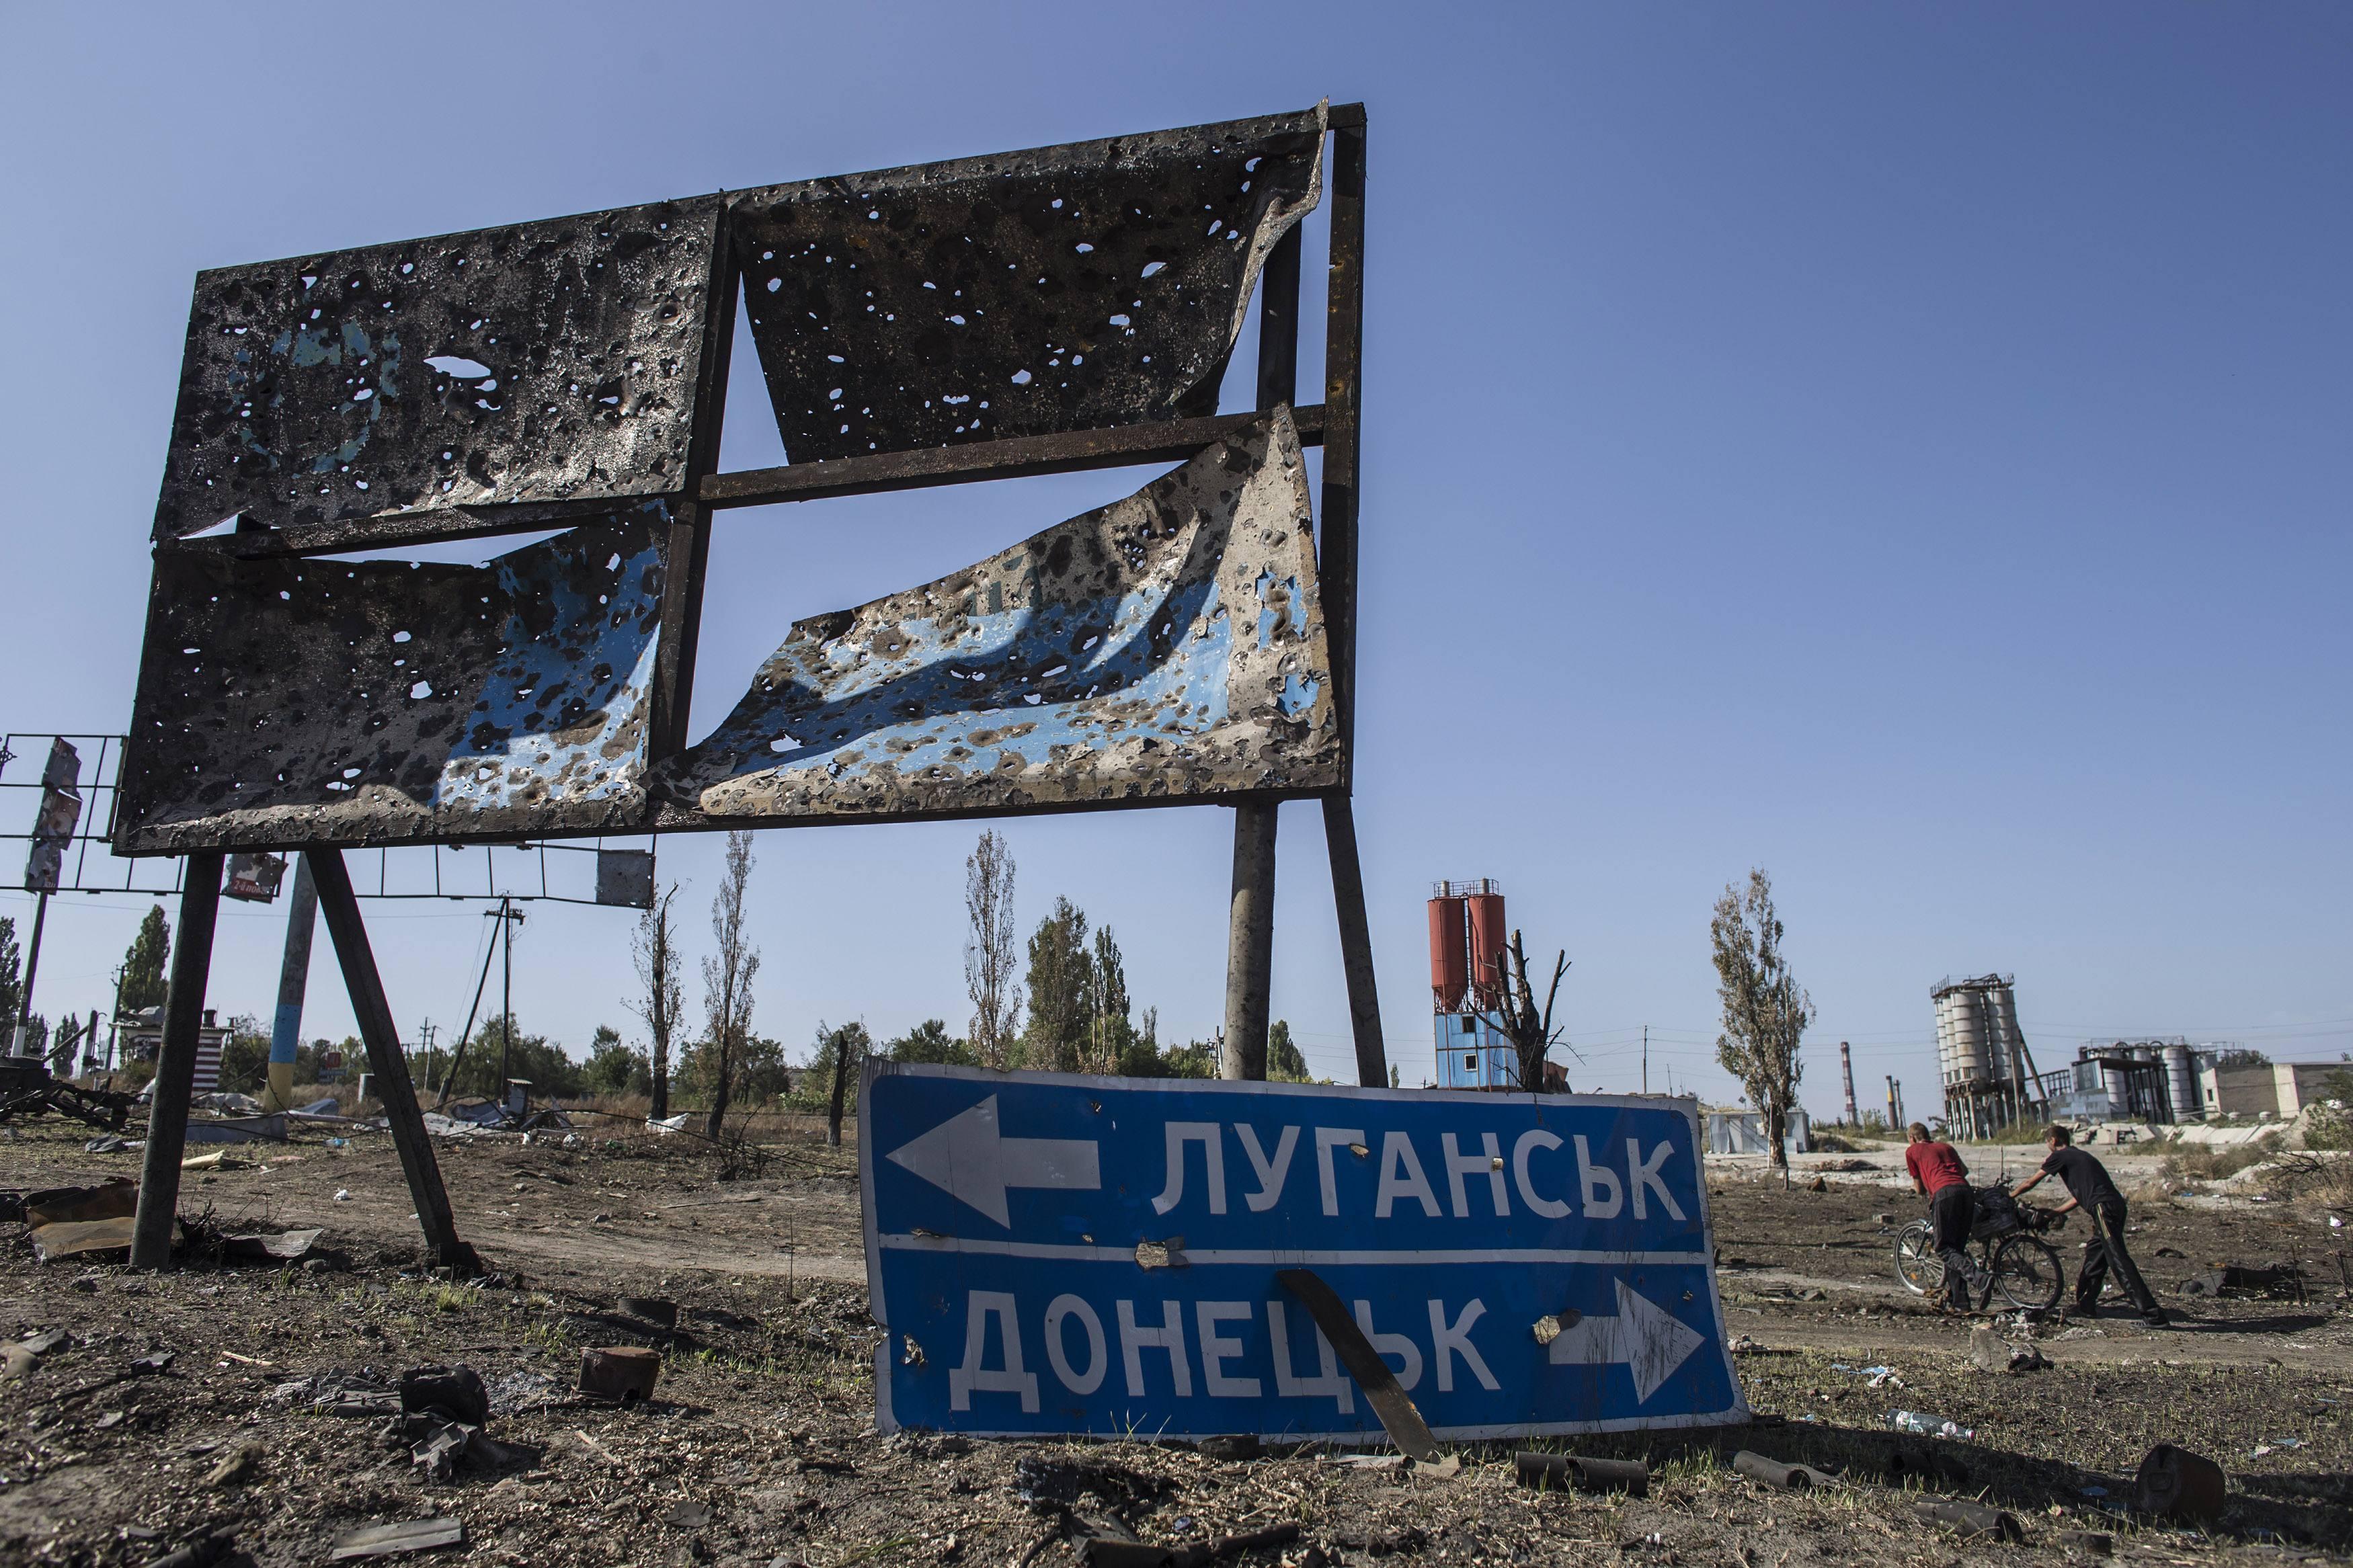 Владимир Путин при одном условии с удовольствием отдал бы часть Донбасса, полагает эксперт